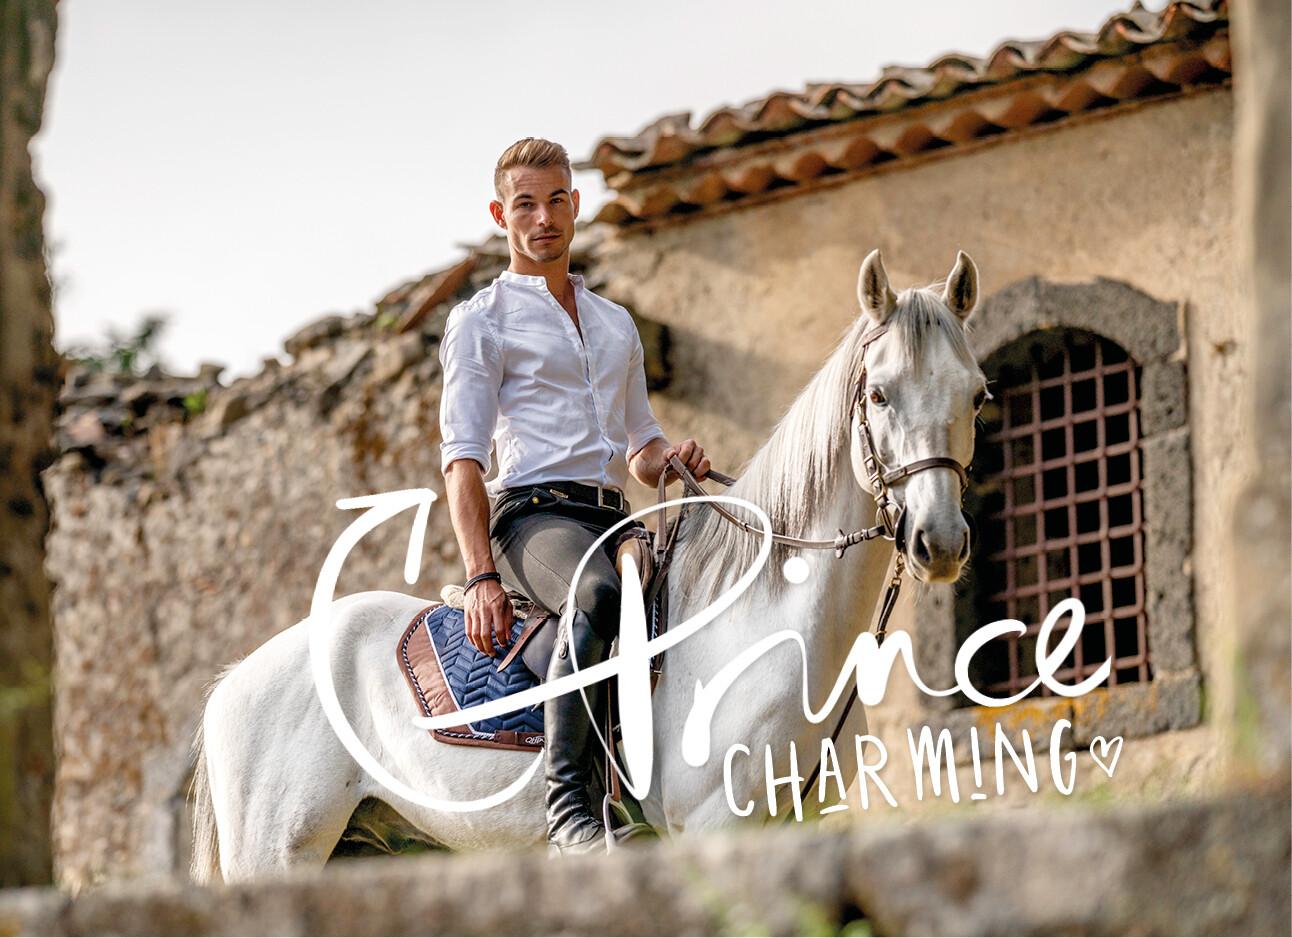 Nu al zin in: dit zijn de eerste beelden van Prince Charming